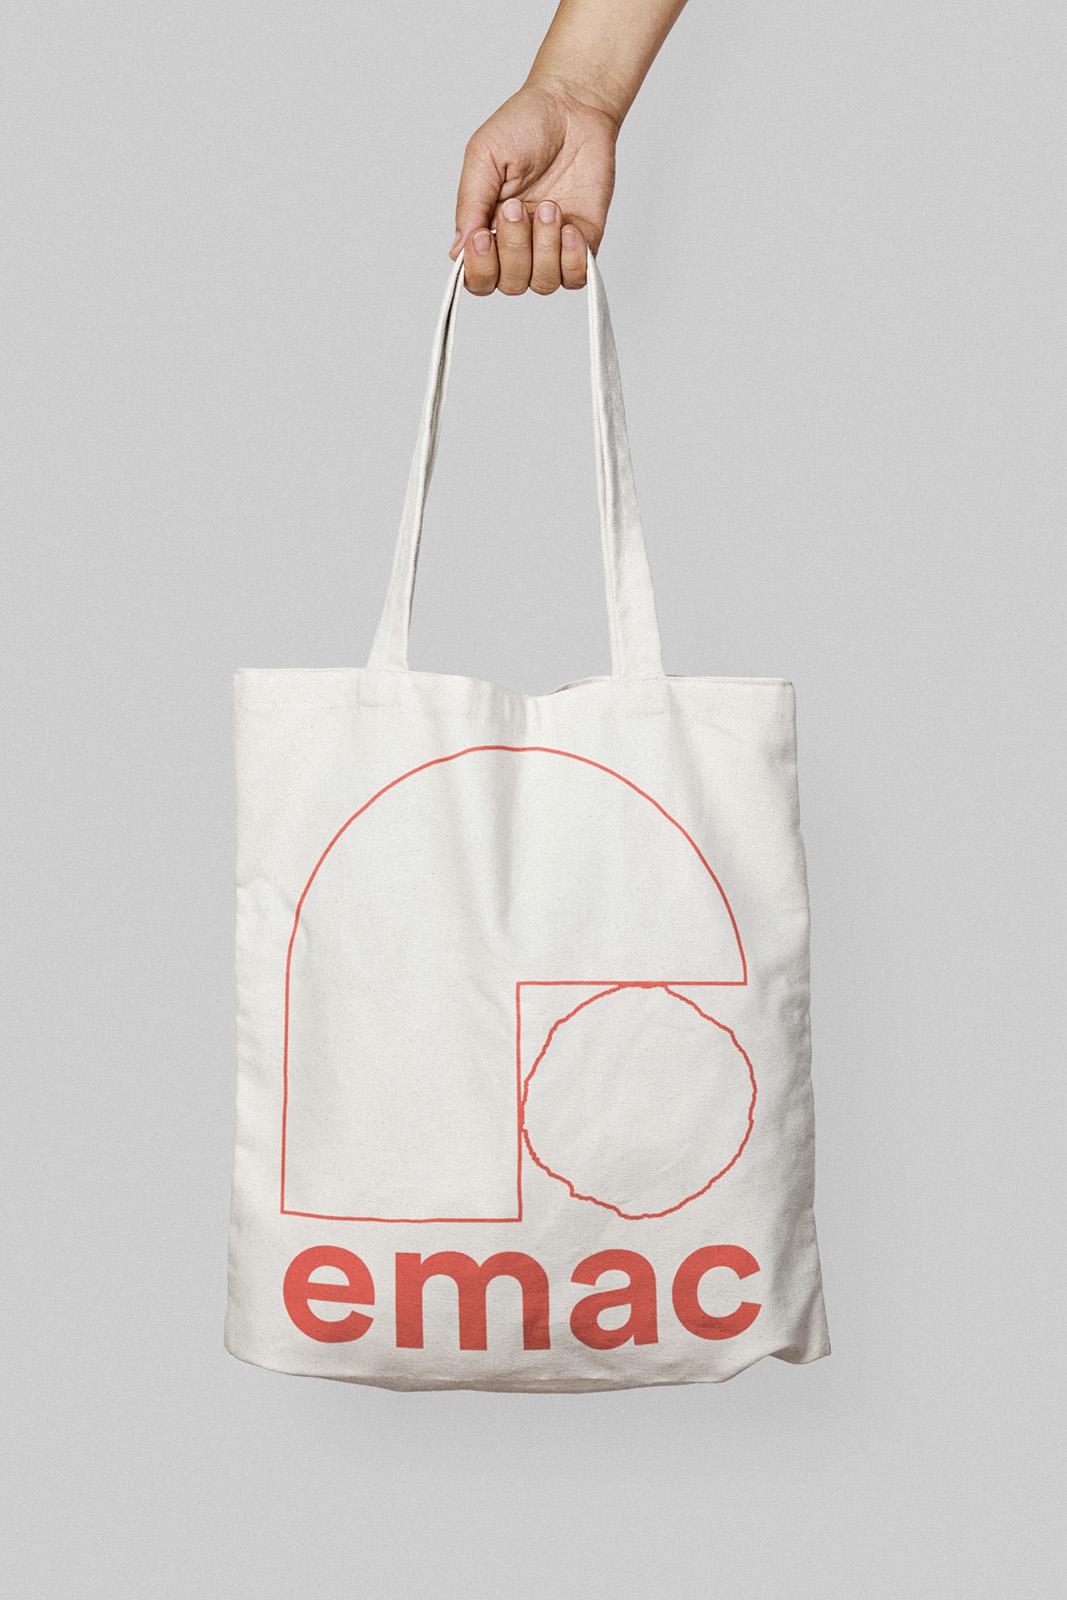 Festival Emac - Visual identity y editorial design